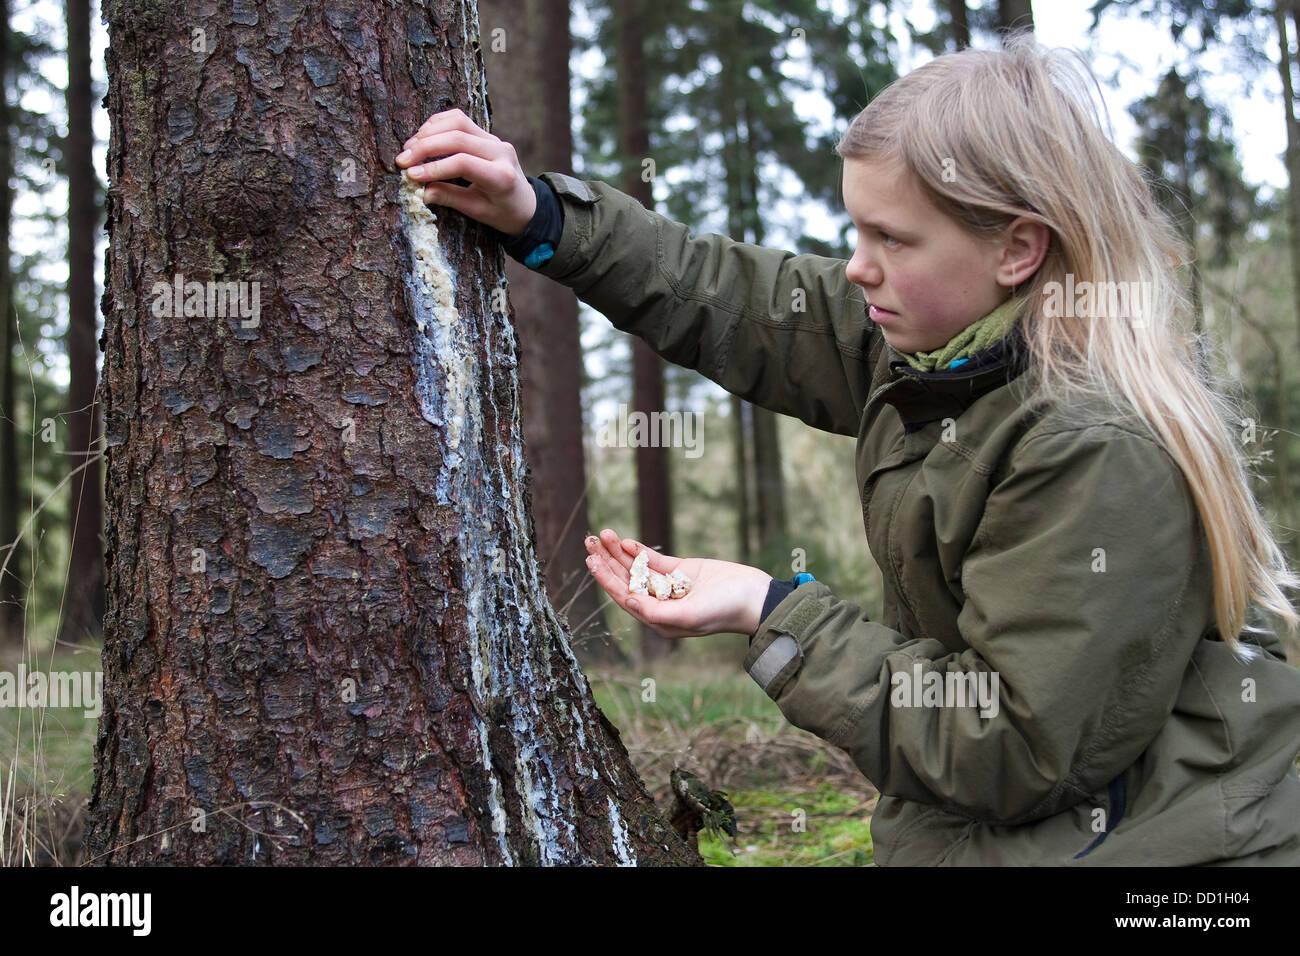 Pas de liquide, arbre de la gomme, Epicéa commun, Baumharz Fichtenharz, Harz,, Fichte, Rotfichte, Picea abies Banque D'Images